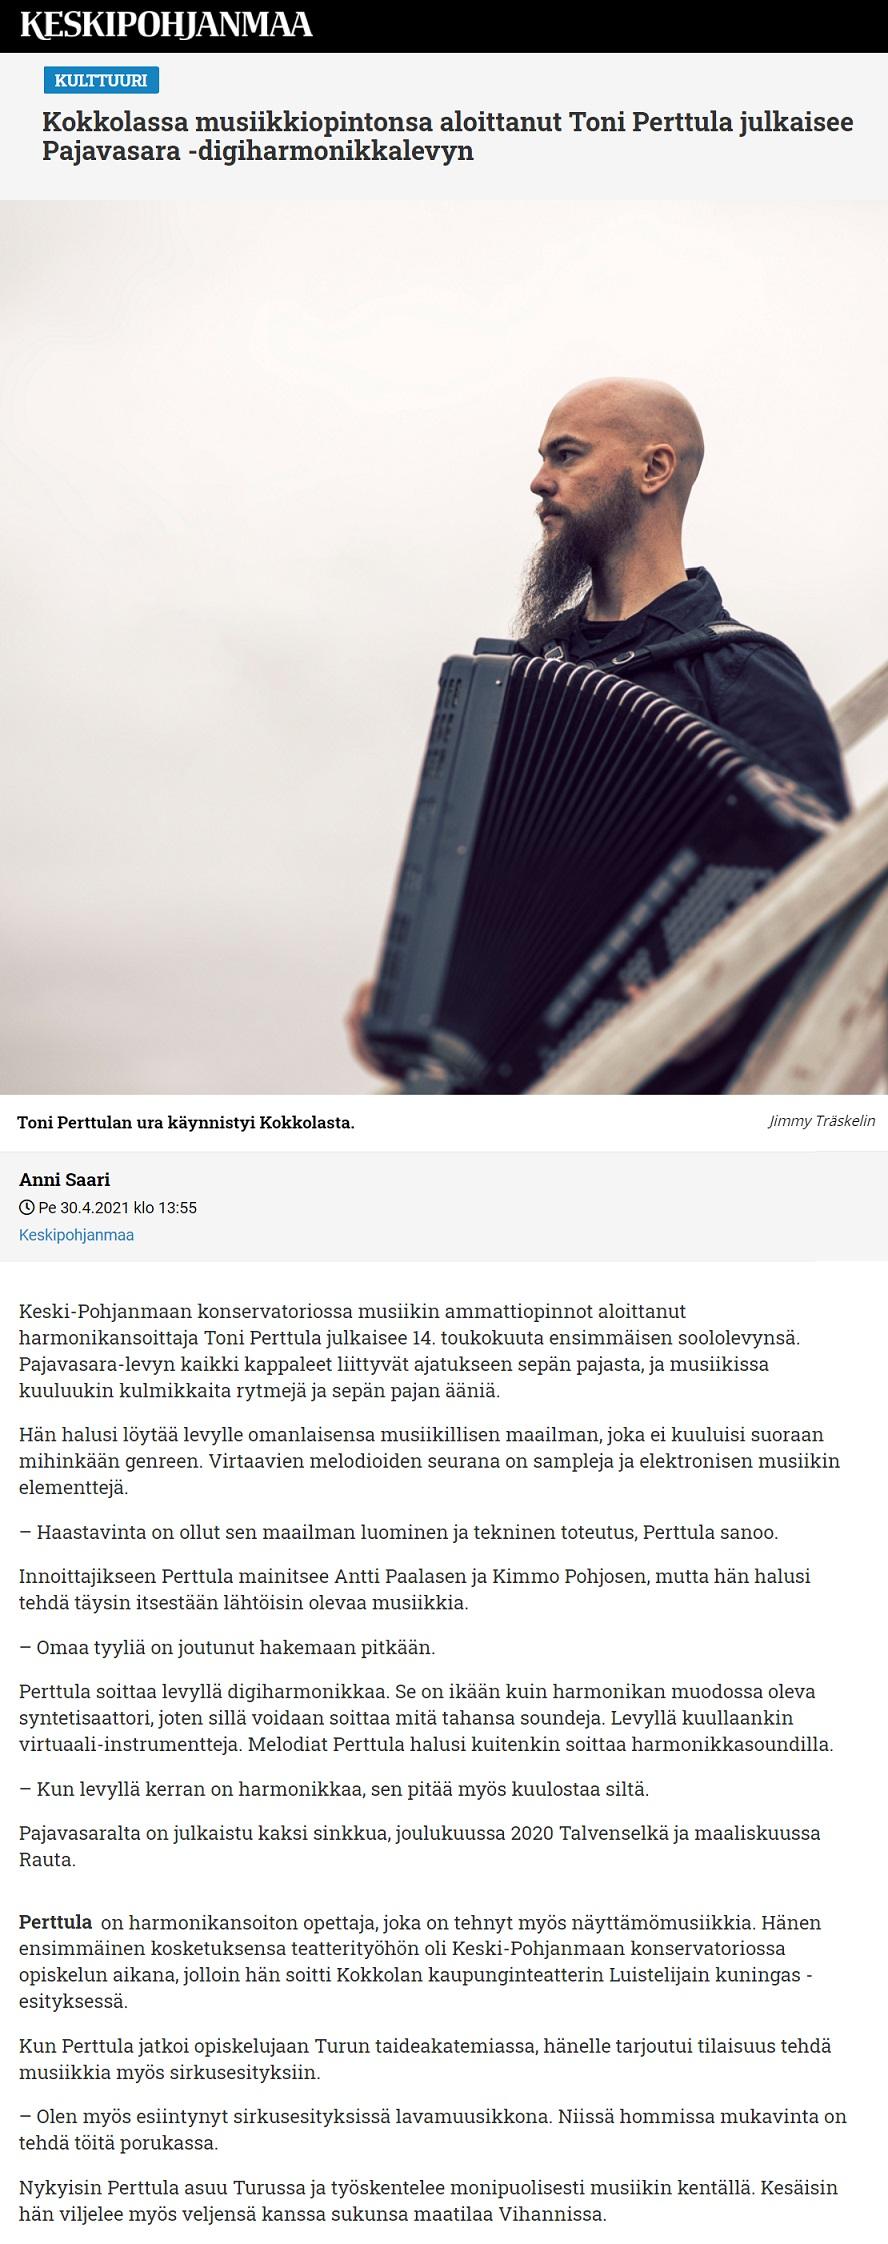 Keskipohjanmaa (Finland), 30.4.2021